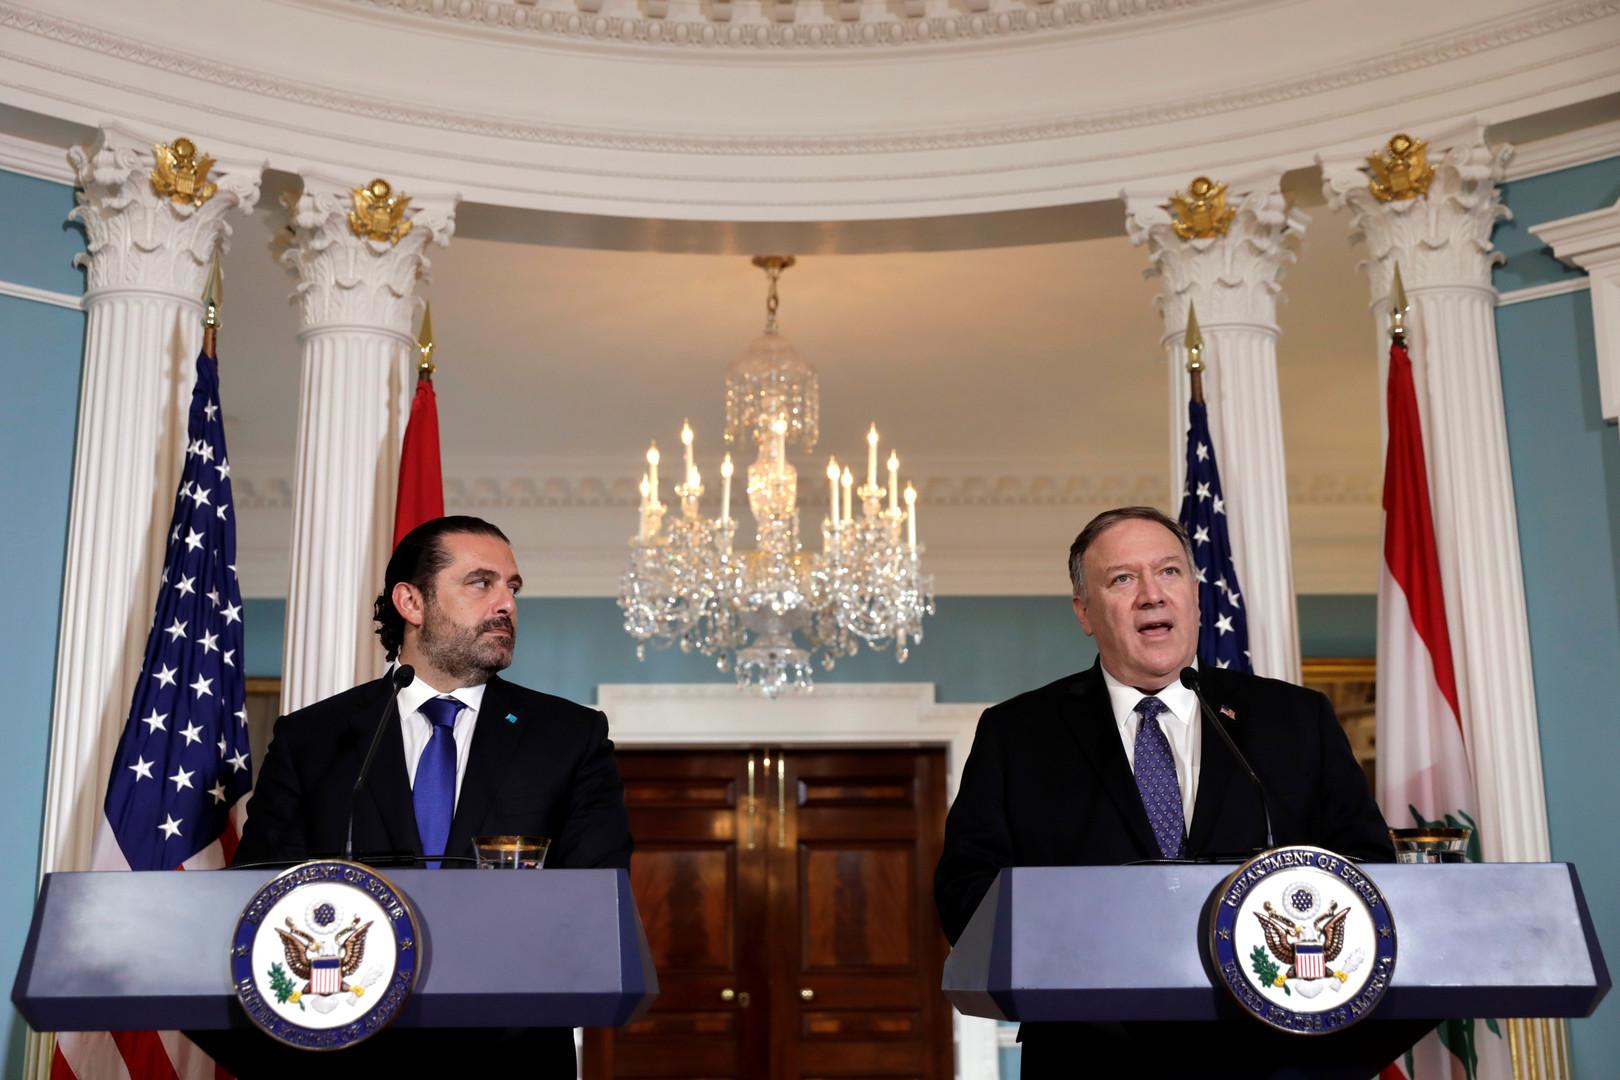 وزير الخارجية الأمريكي، مايك بومبيو، ورئيس الوزراء اللبناني، سعد الحريري (أرشيف)